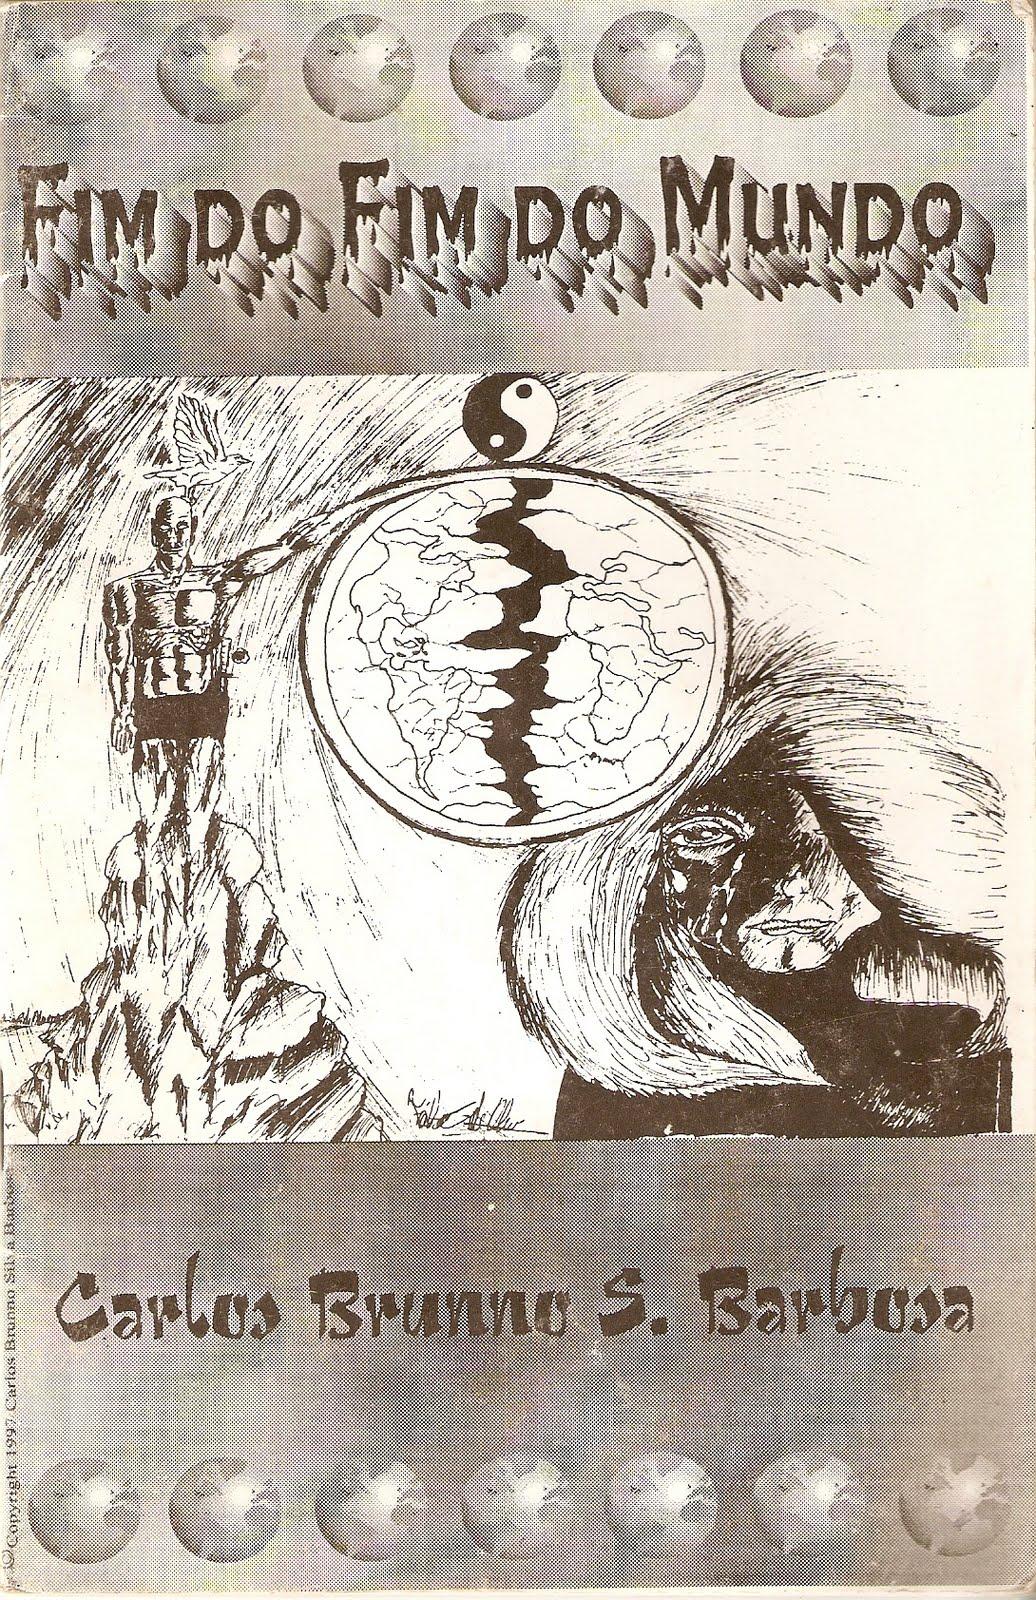 """Clique na imagem abaixo e baixe gratuitamente o meu primeiro livro """"Fim do fim do mundo"""" (1997)"""